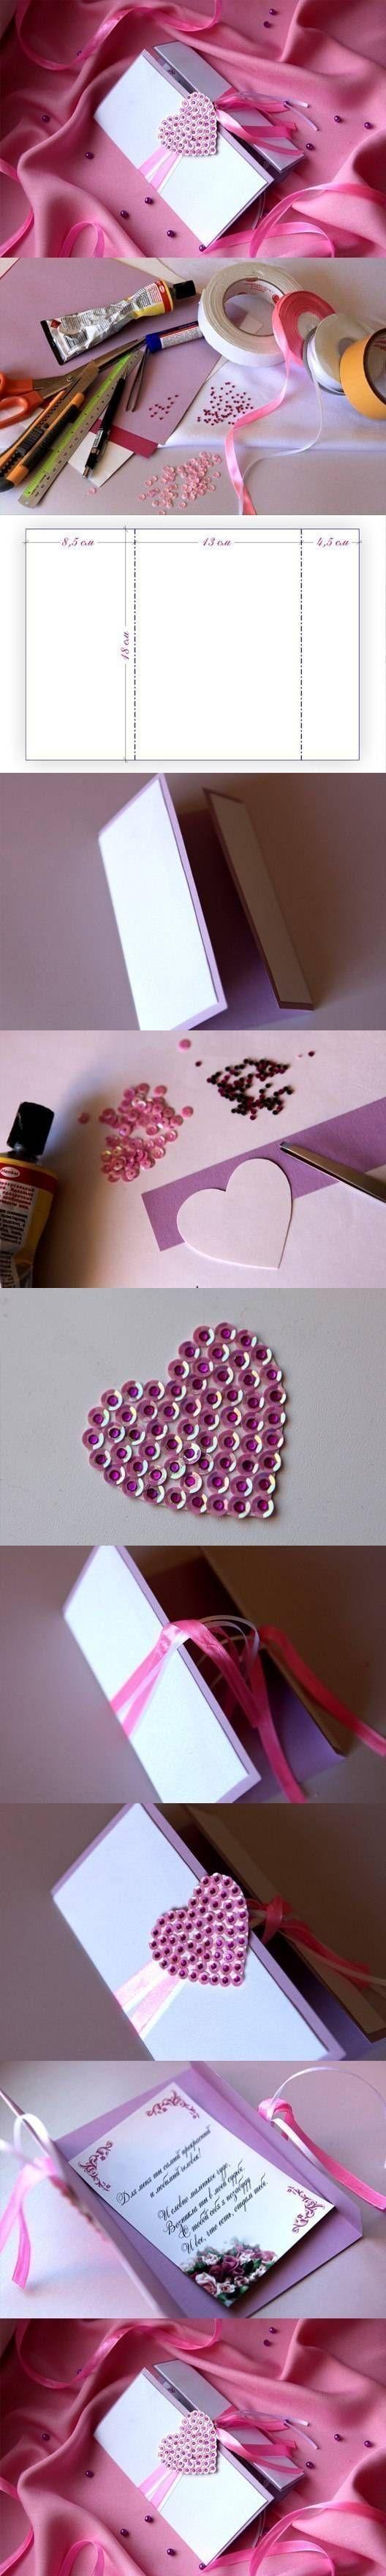 Creativa tarjeta para los enamorados: